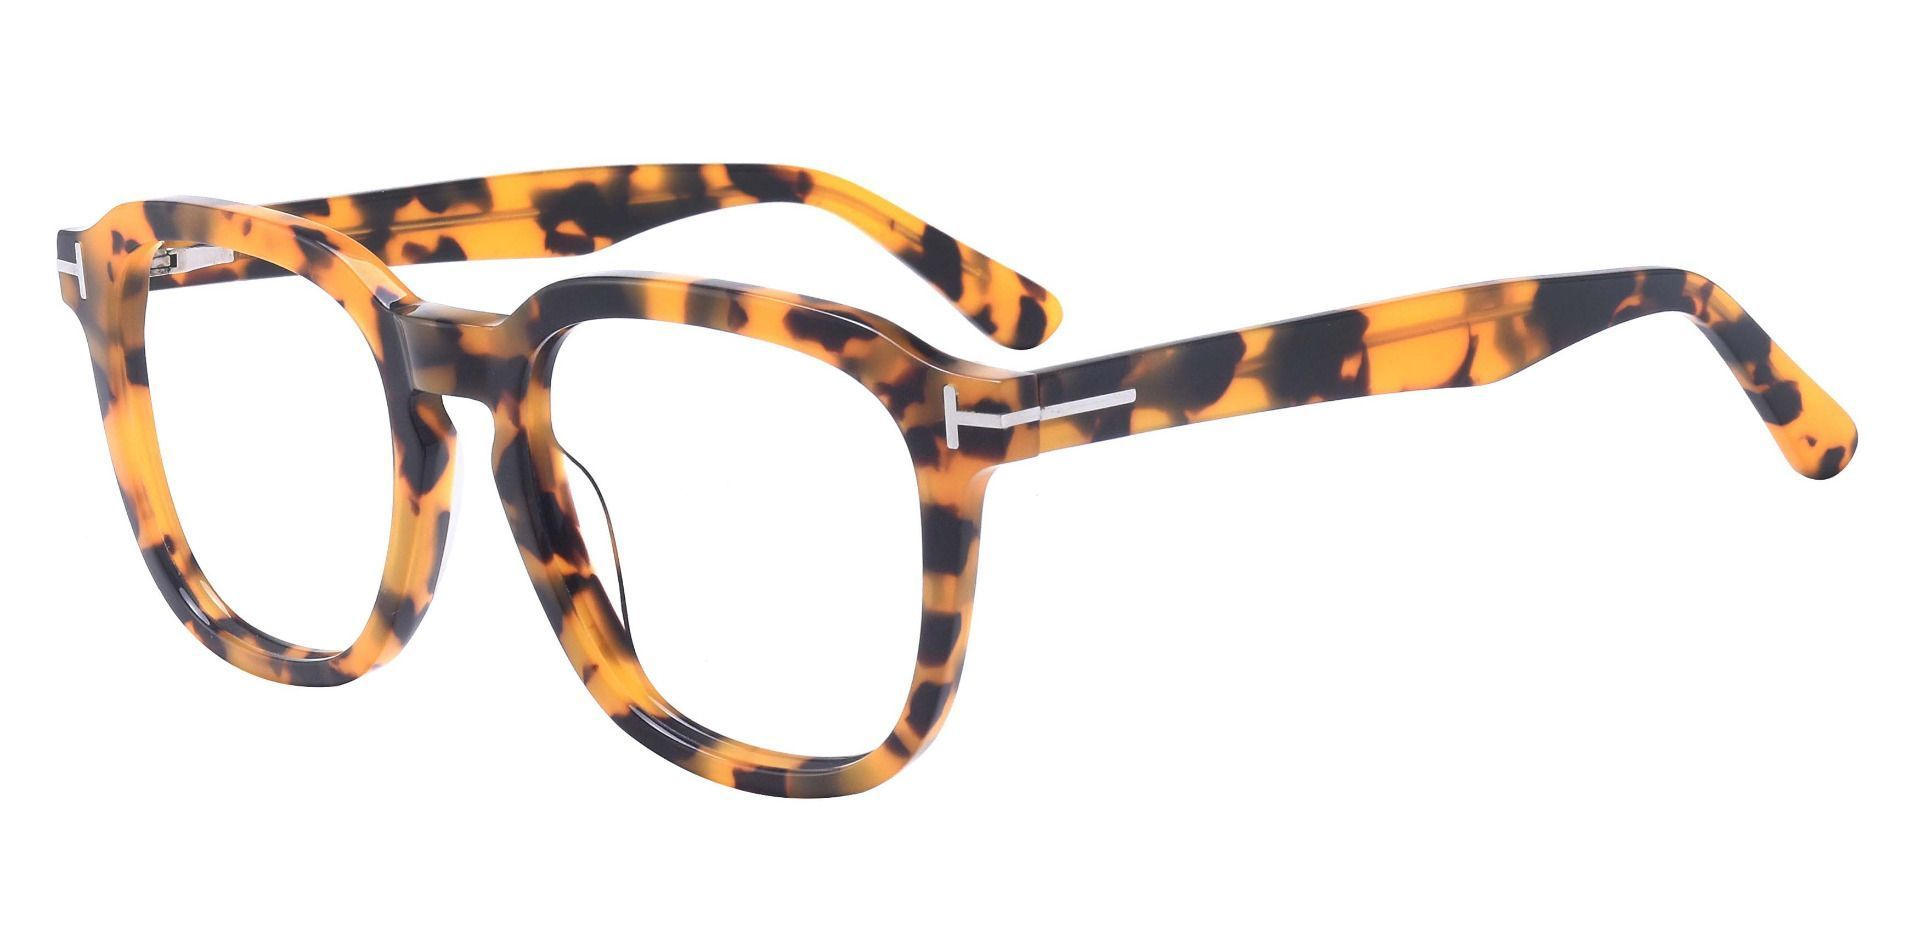 Whaley Square Prescription Glasses - Tortoise